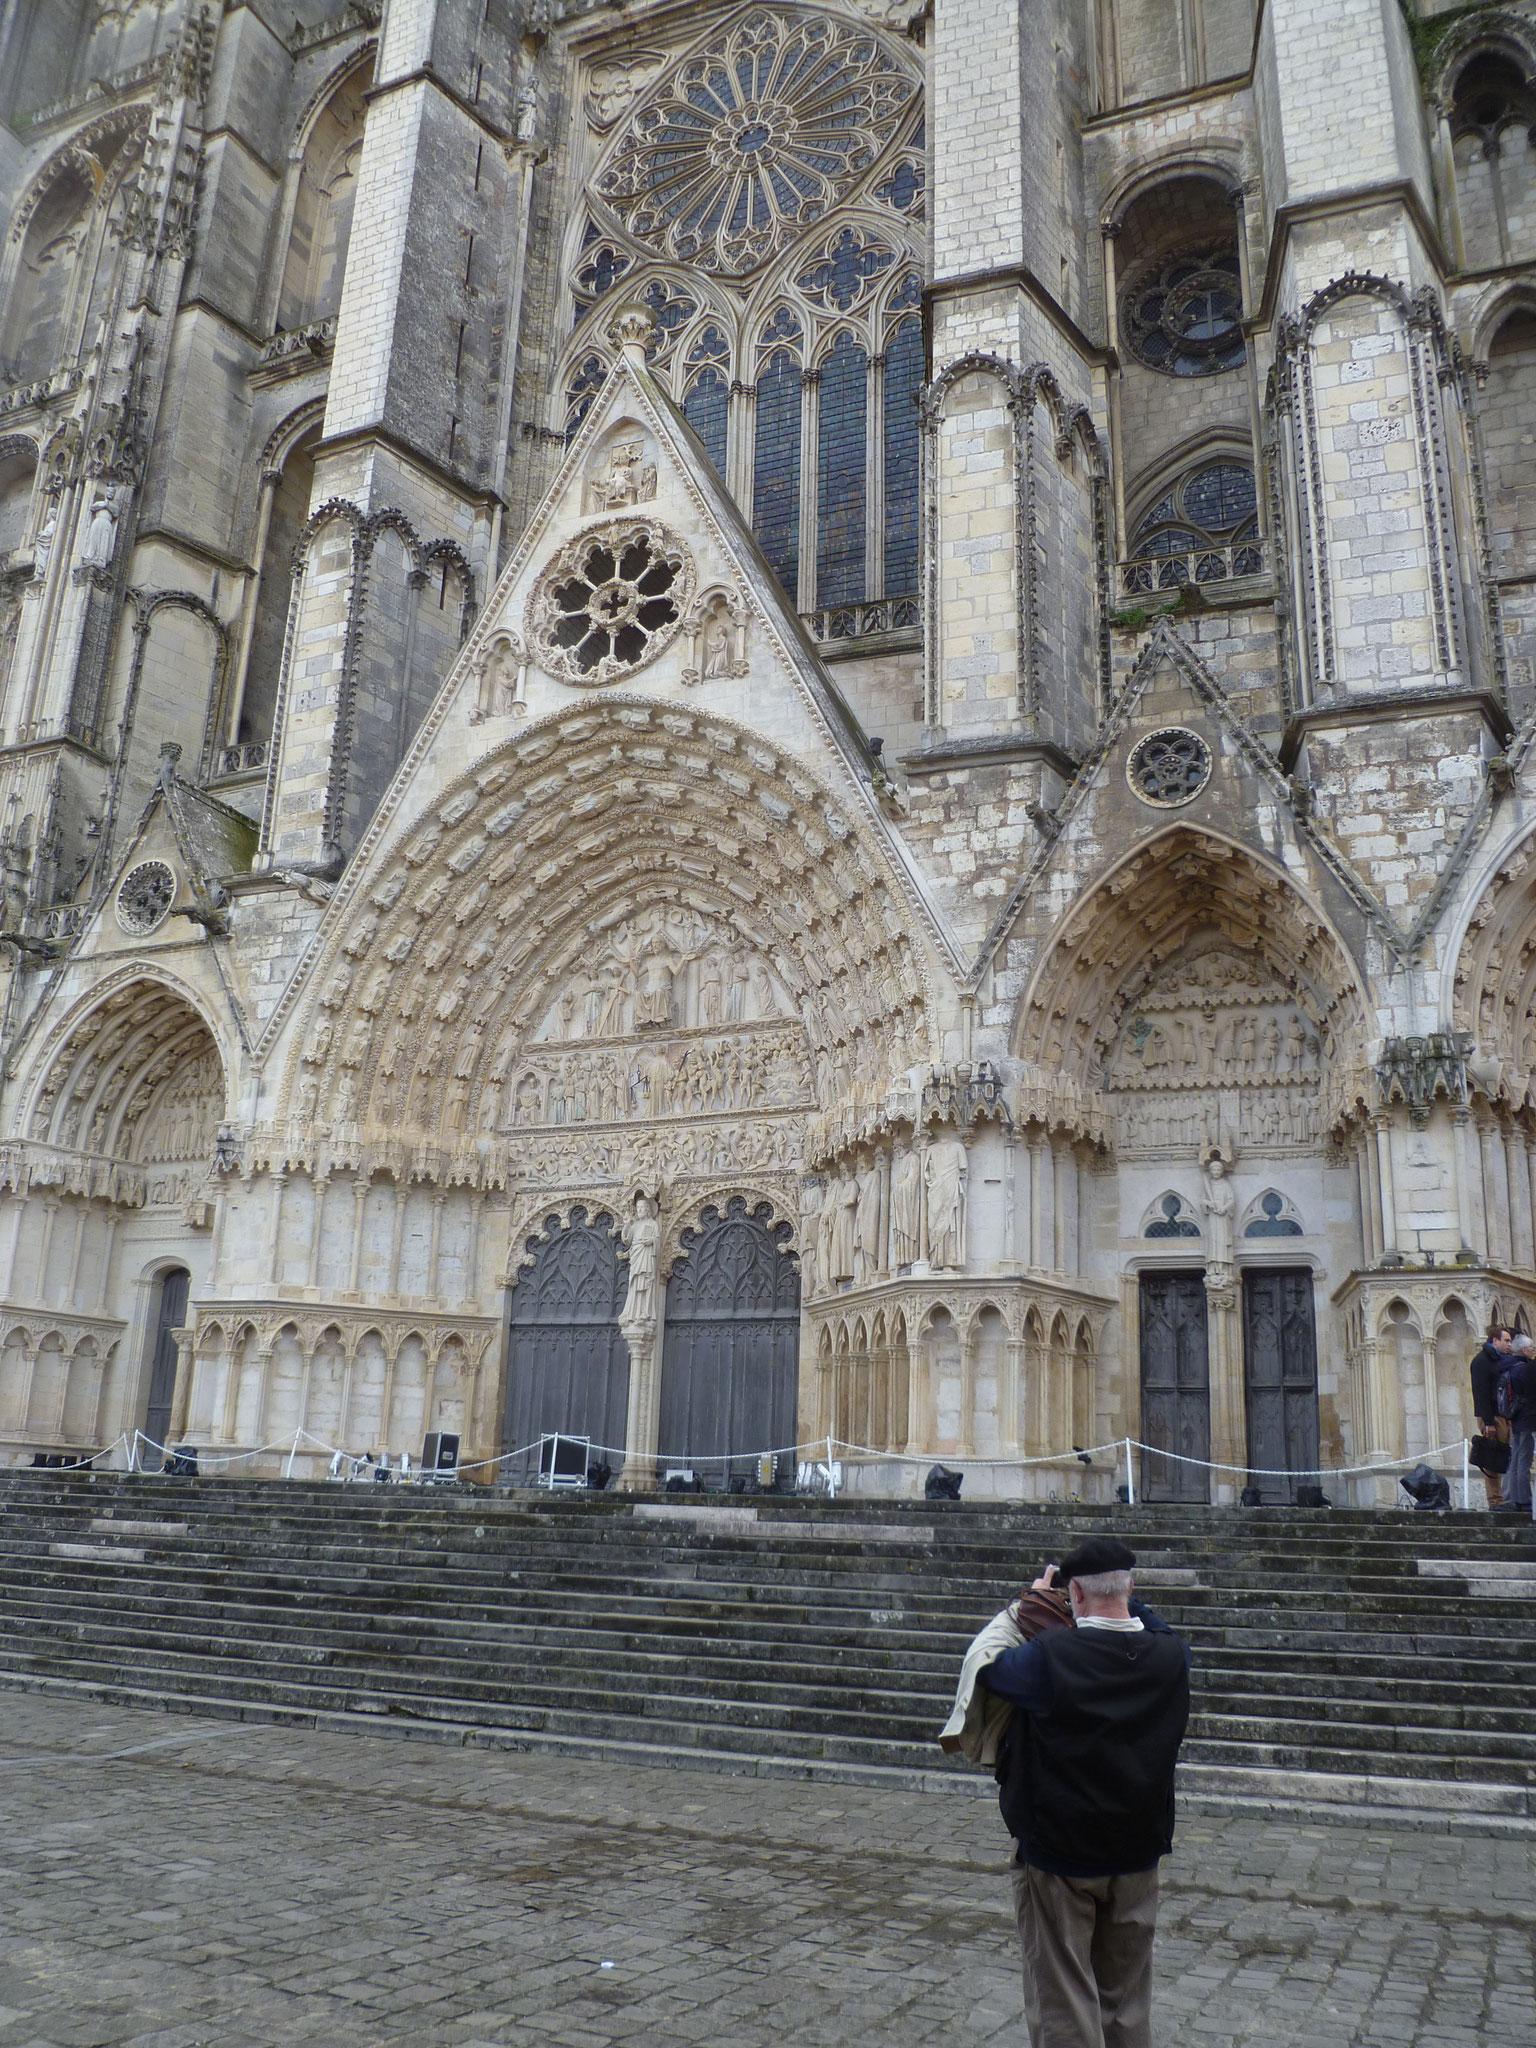 Cathédrale Saint-Étienne de Bourges, construite entre la fin du XIIᵉ et la fin du XIIIᵉ siècle!